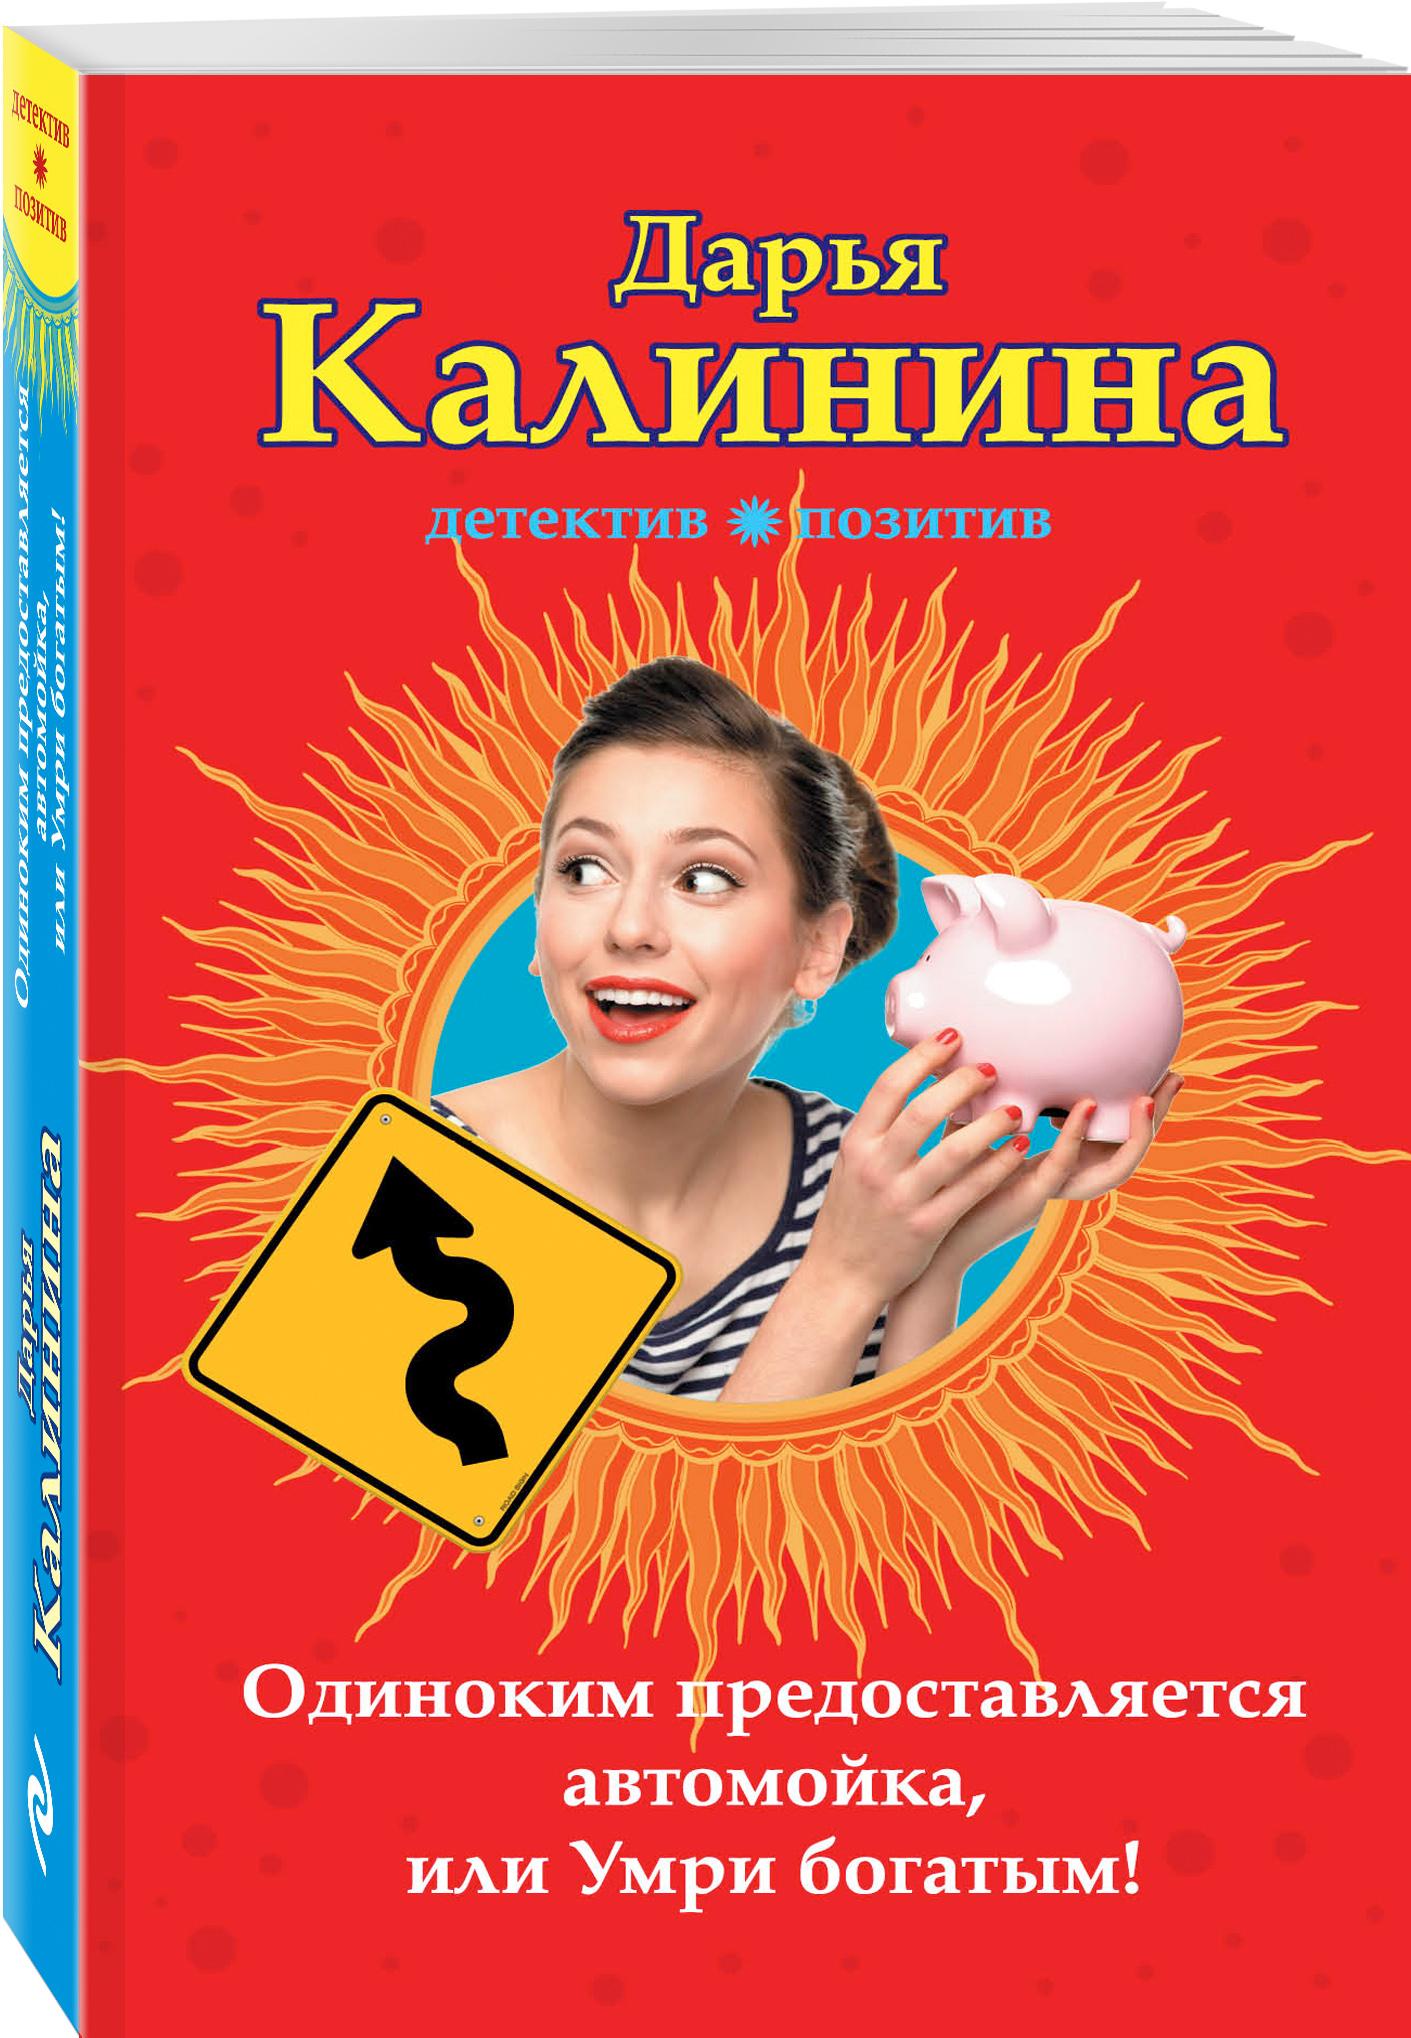 Дарья Калинина Одиноким предоставляется автомойка, или Умри богатым! калинина д одиноким предоставляется автомойка или умри богатым